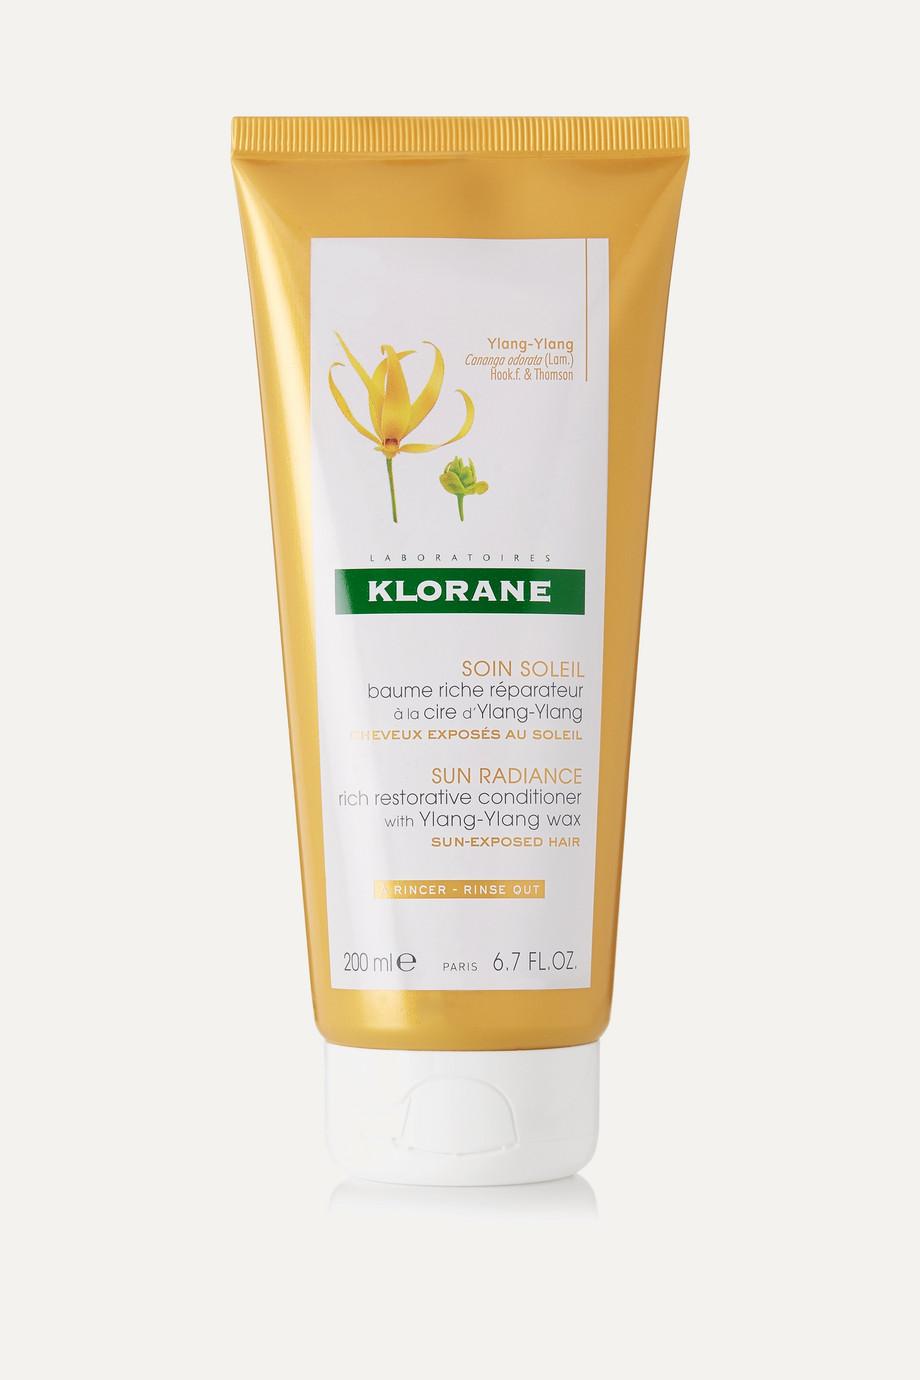 Klorane Sun Radiance Rich Restorative Conditioner, 200ml